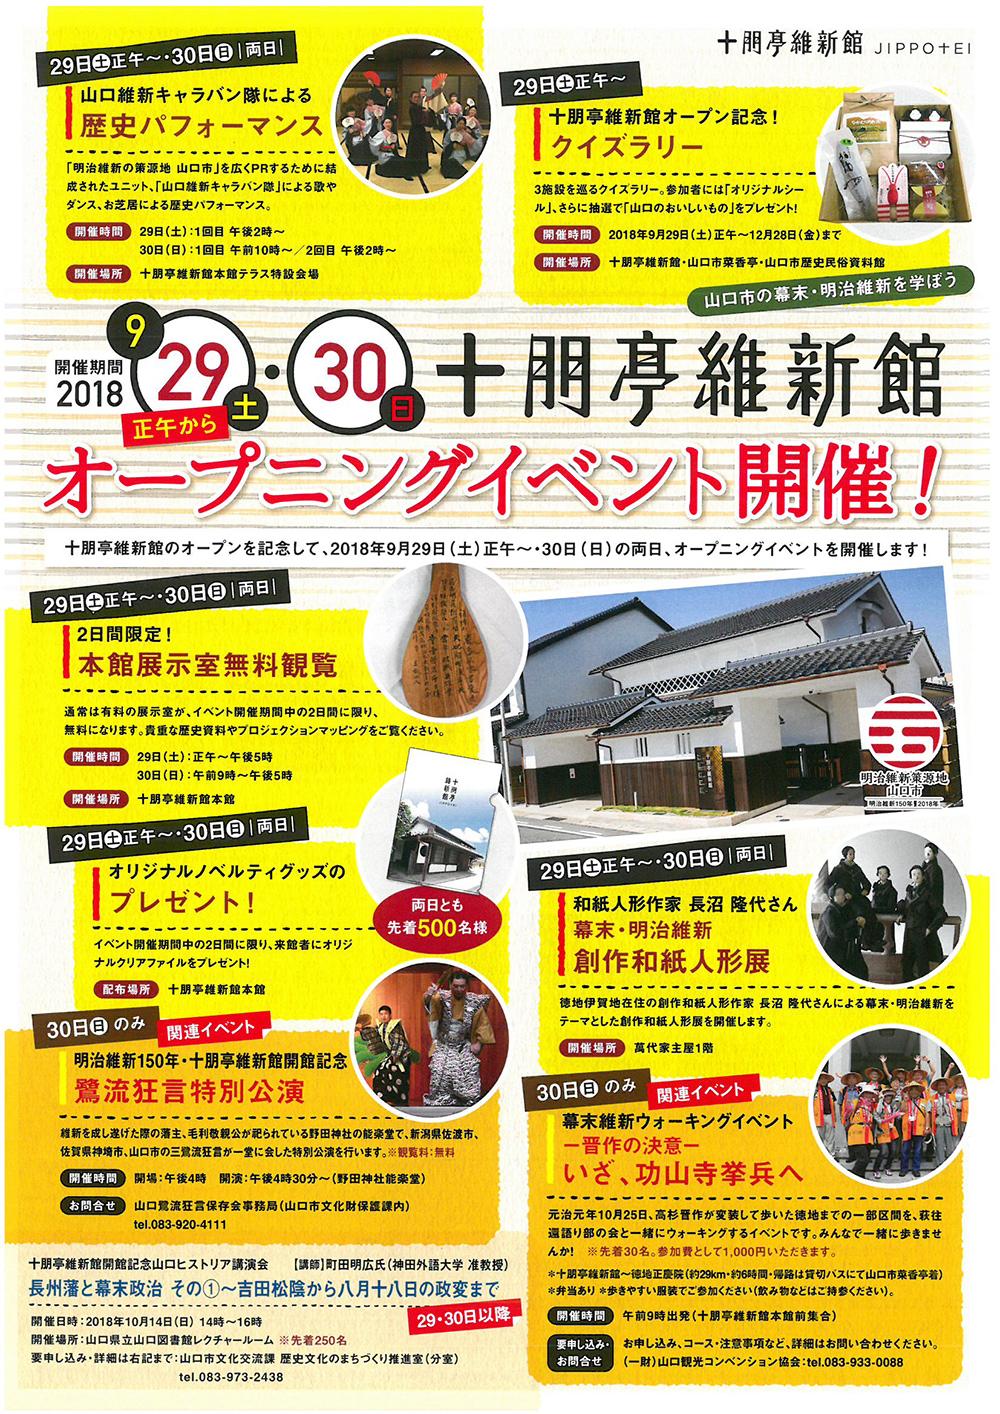 画像:十朋亭維新館 オープニングイベント開催!